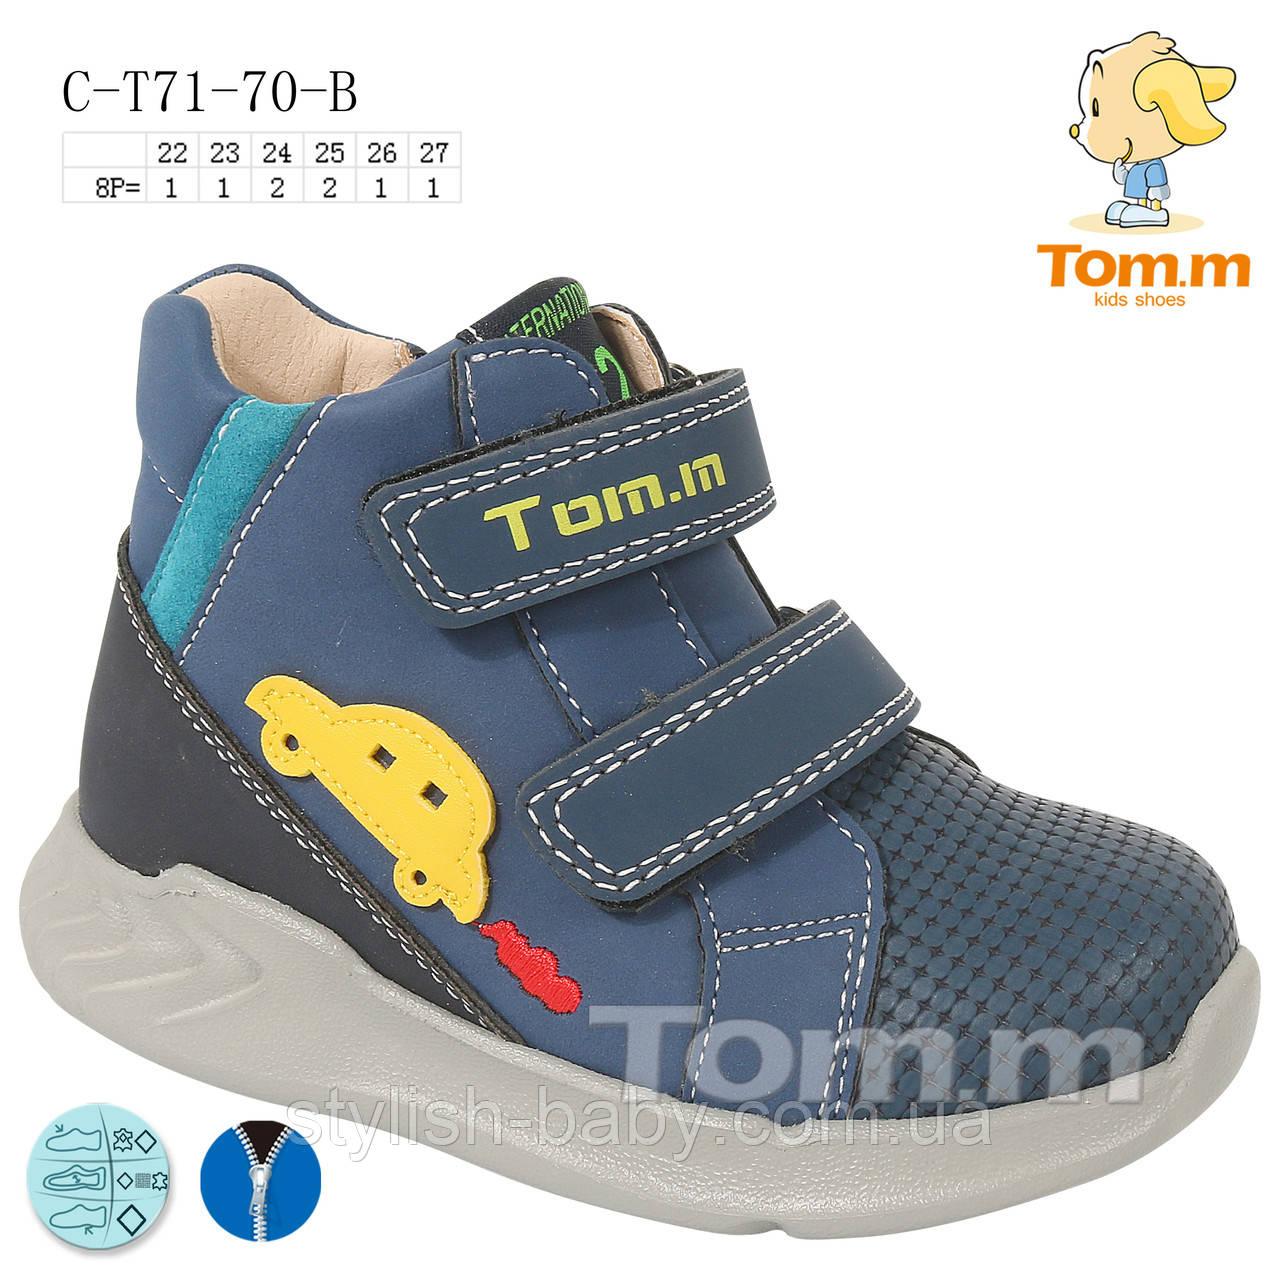 Детская обувь 2020 оптом. Детская демисезонная обувь бренда Tom.m для мальчиков (рр. с 22 по 27)